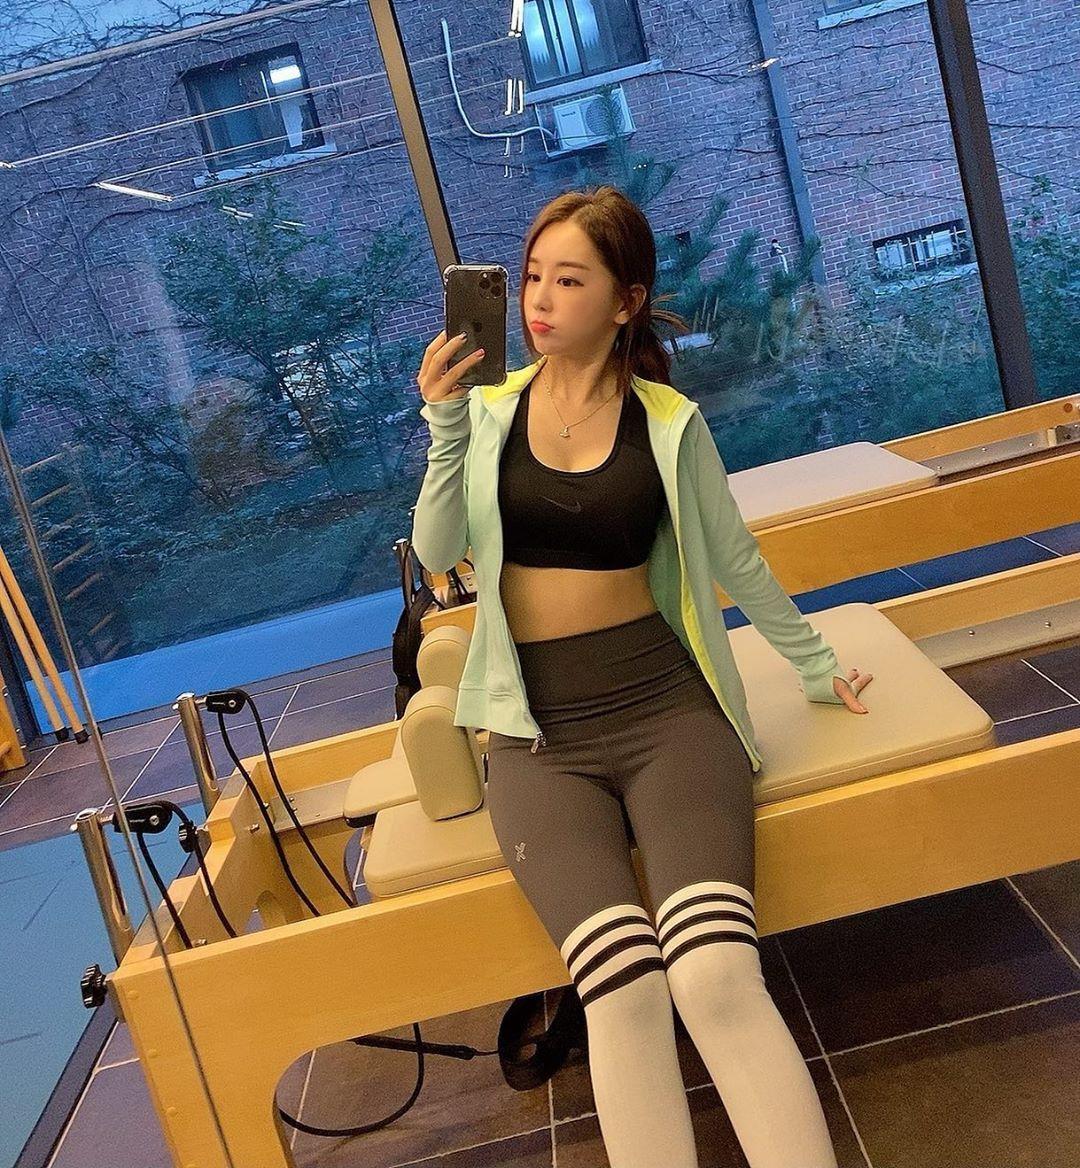 南韩前SBS体育美女主播黄宝美(황보미) 养眼图片 第3张